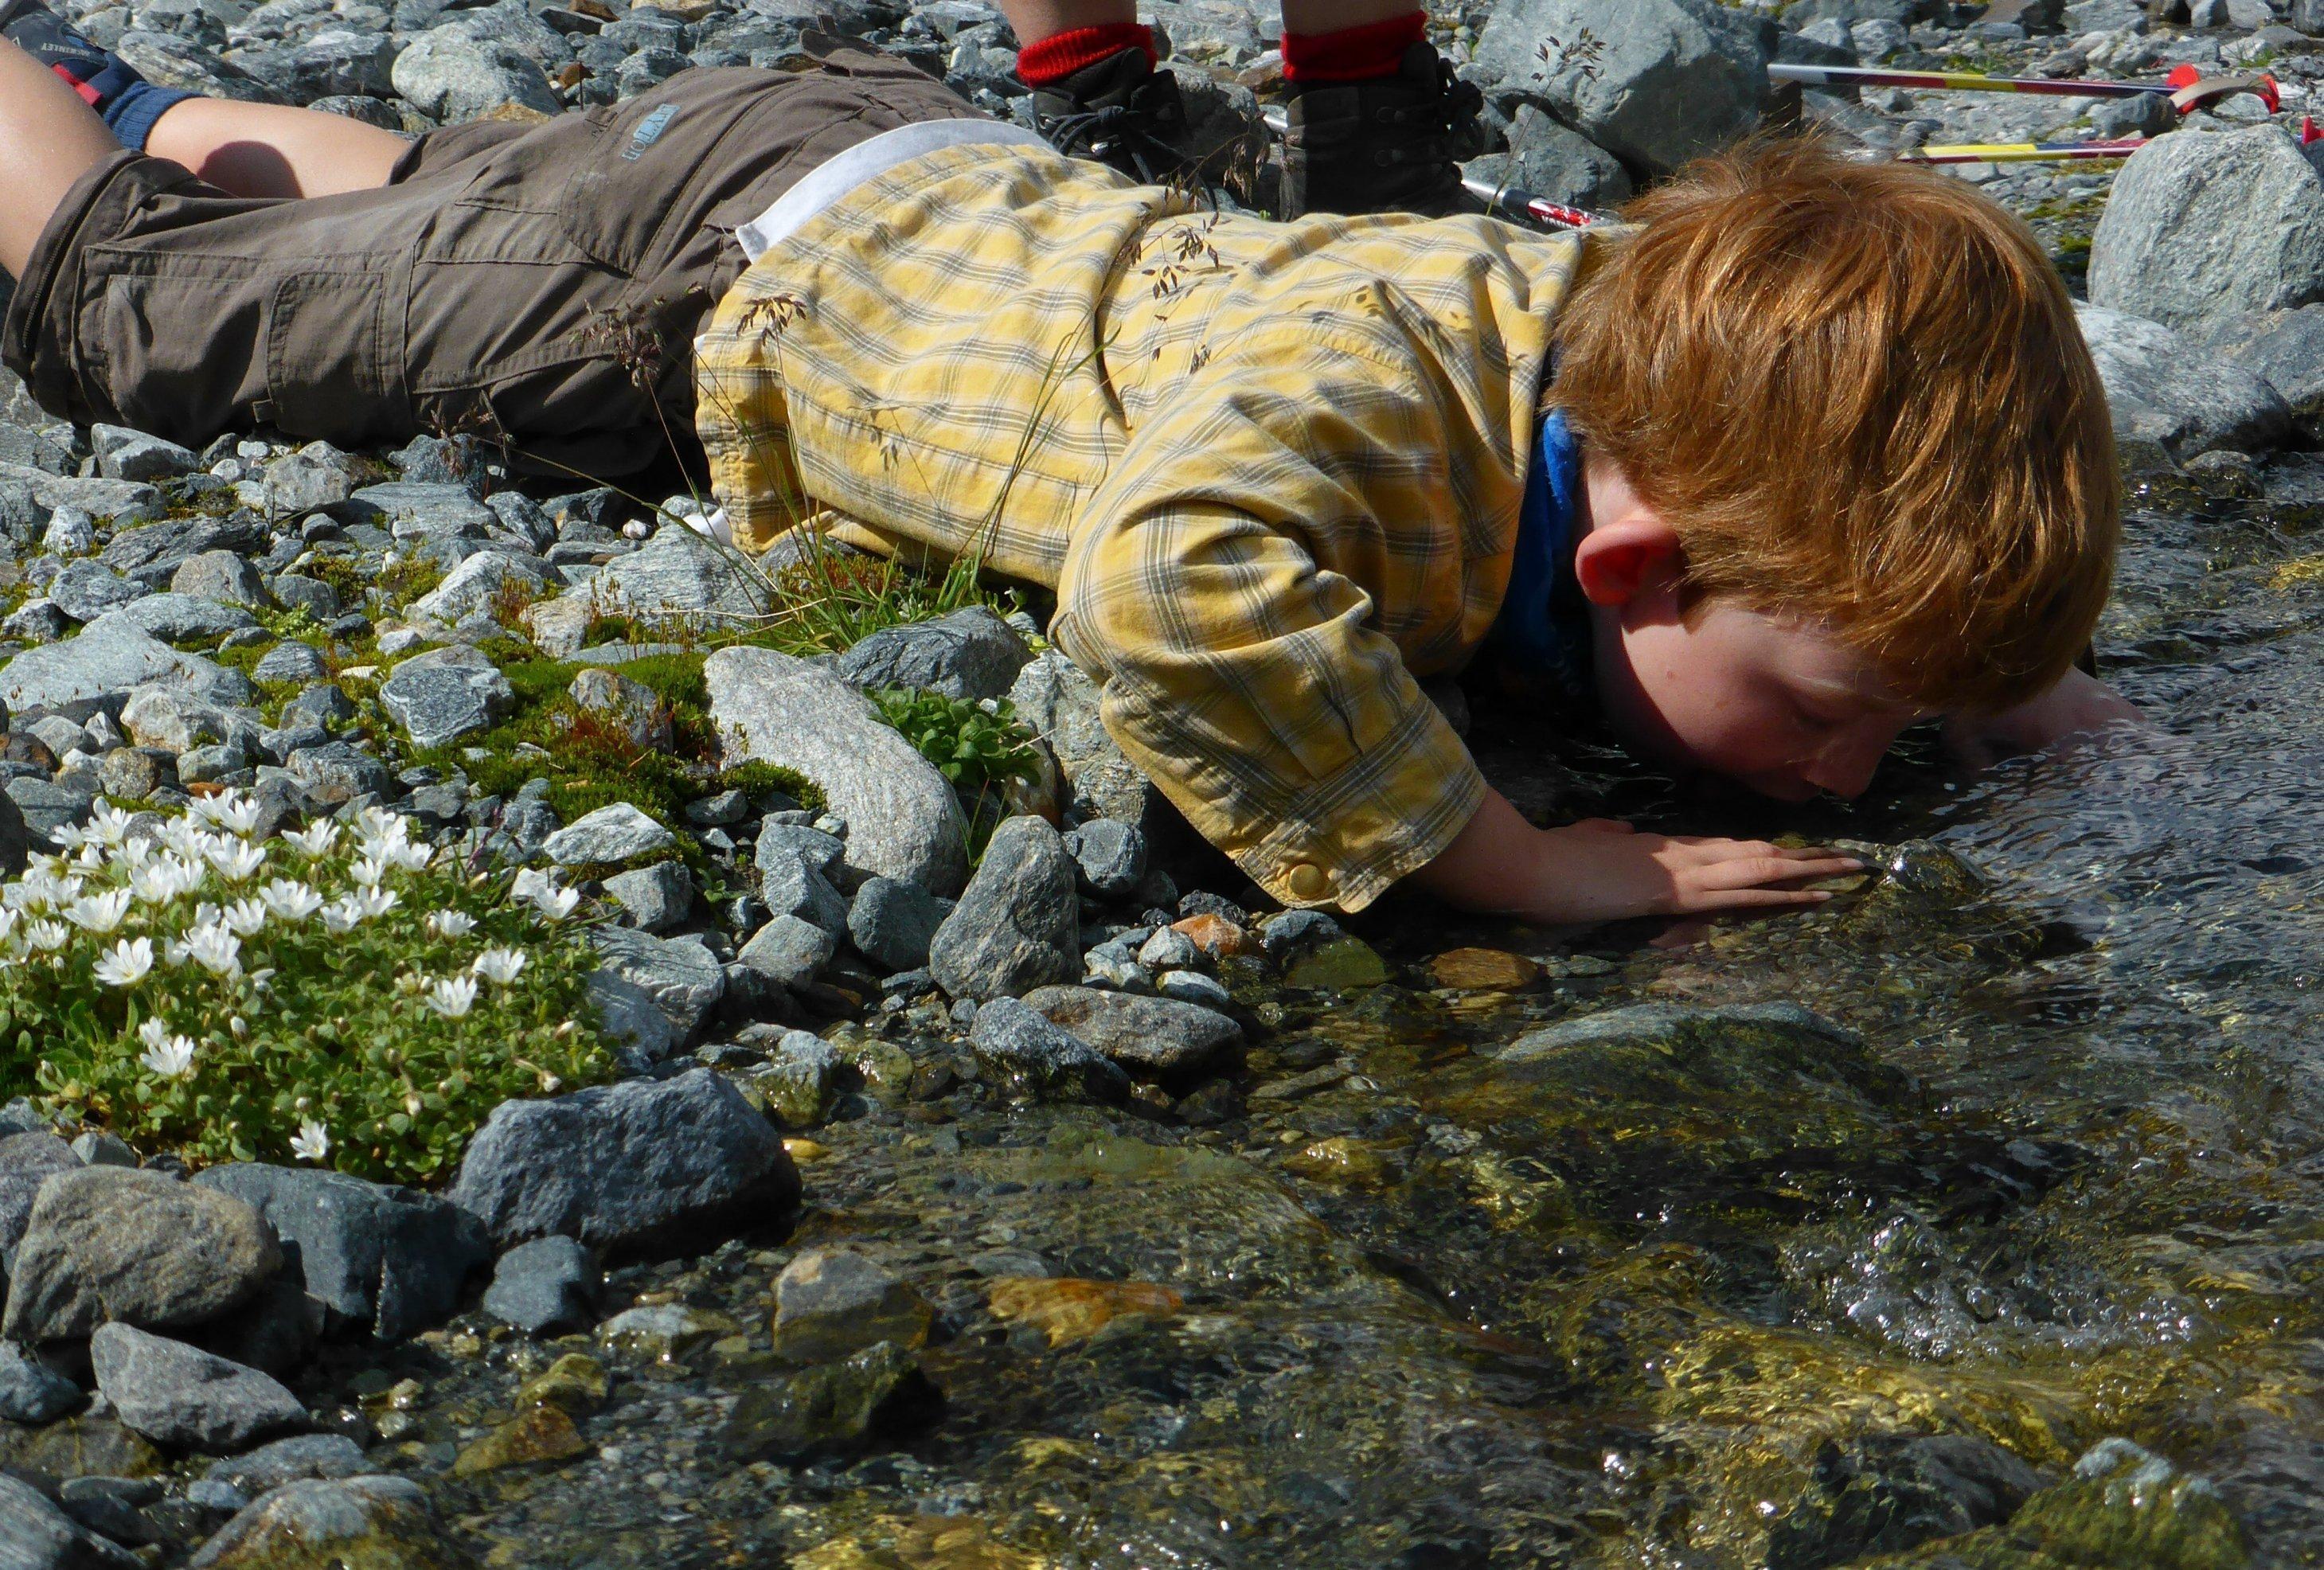 Sechsjähriger mit rotblondem Schopf liegt an einer Bachkante, den Mund ins Wasser getaucht.